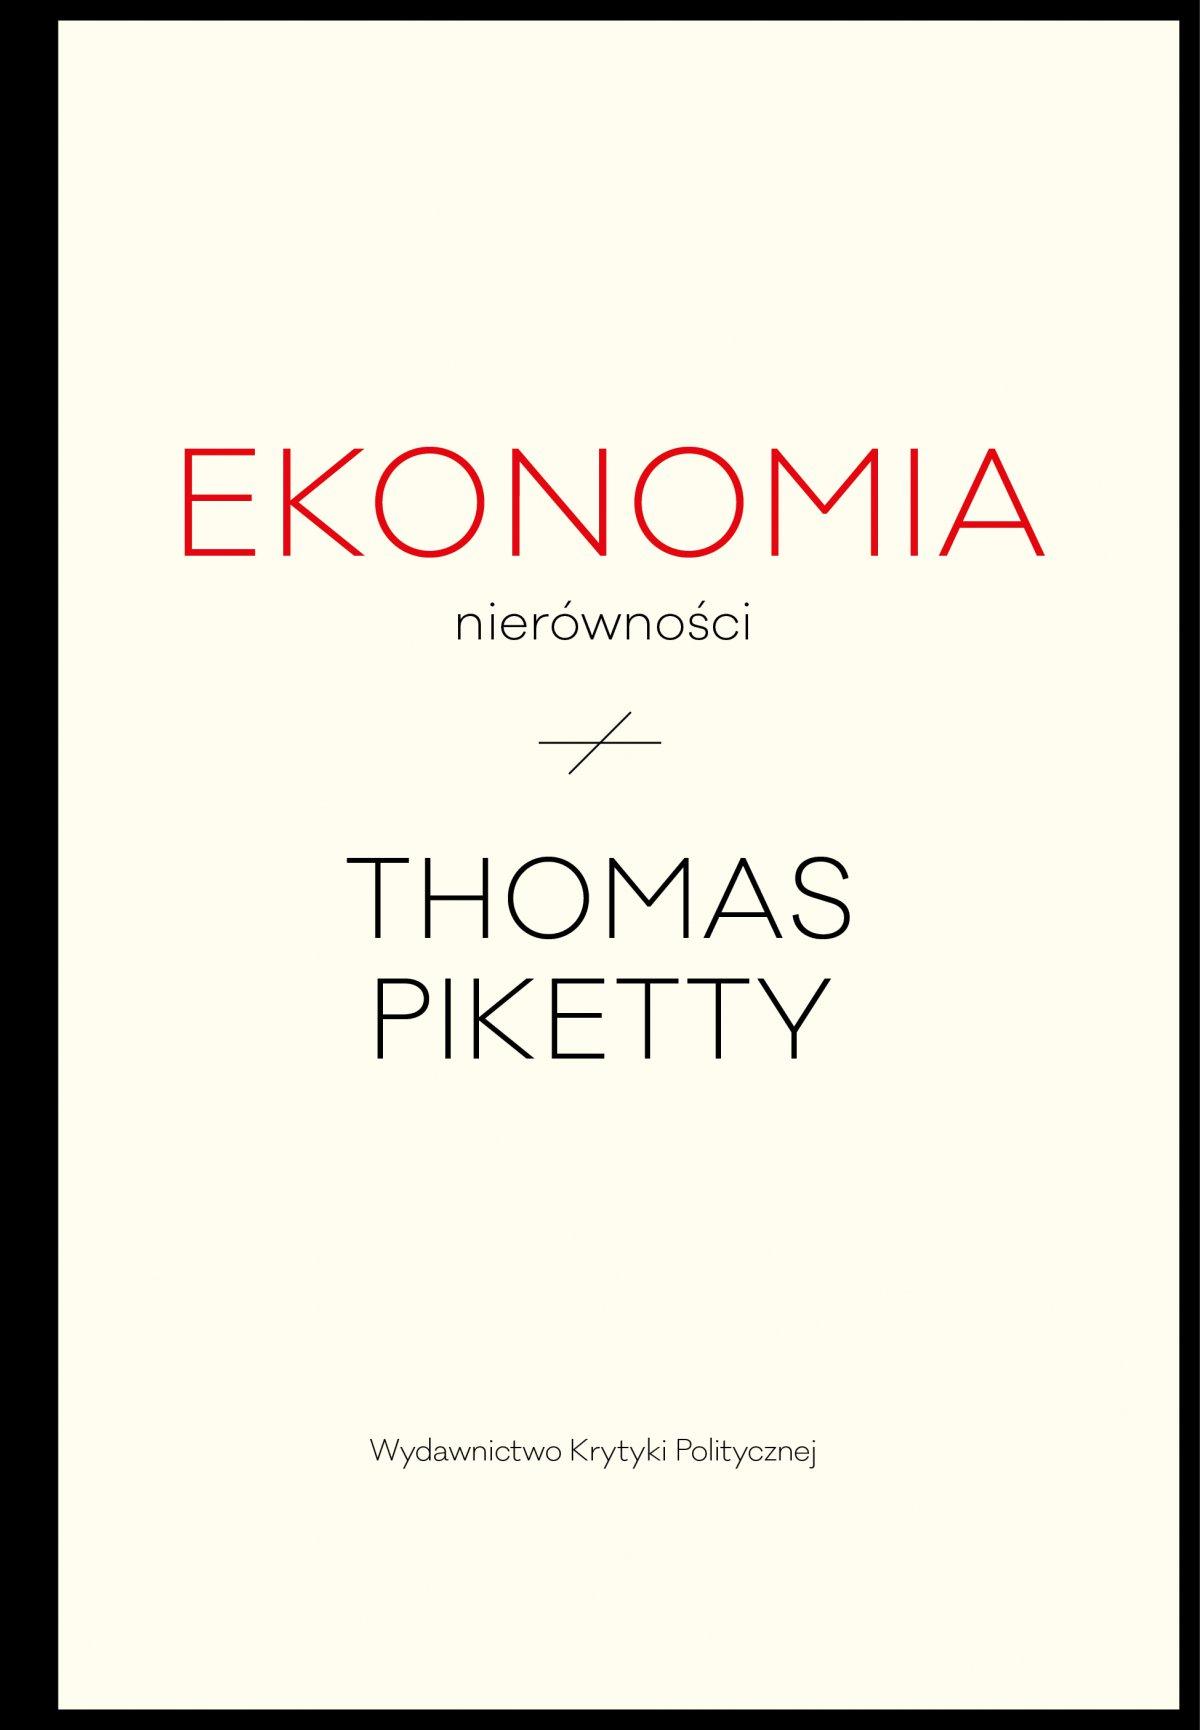 Ekonomia nierówności - Ebook (Książka EPUB) do pobrania w formacie EPUB